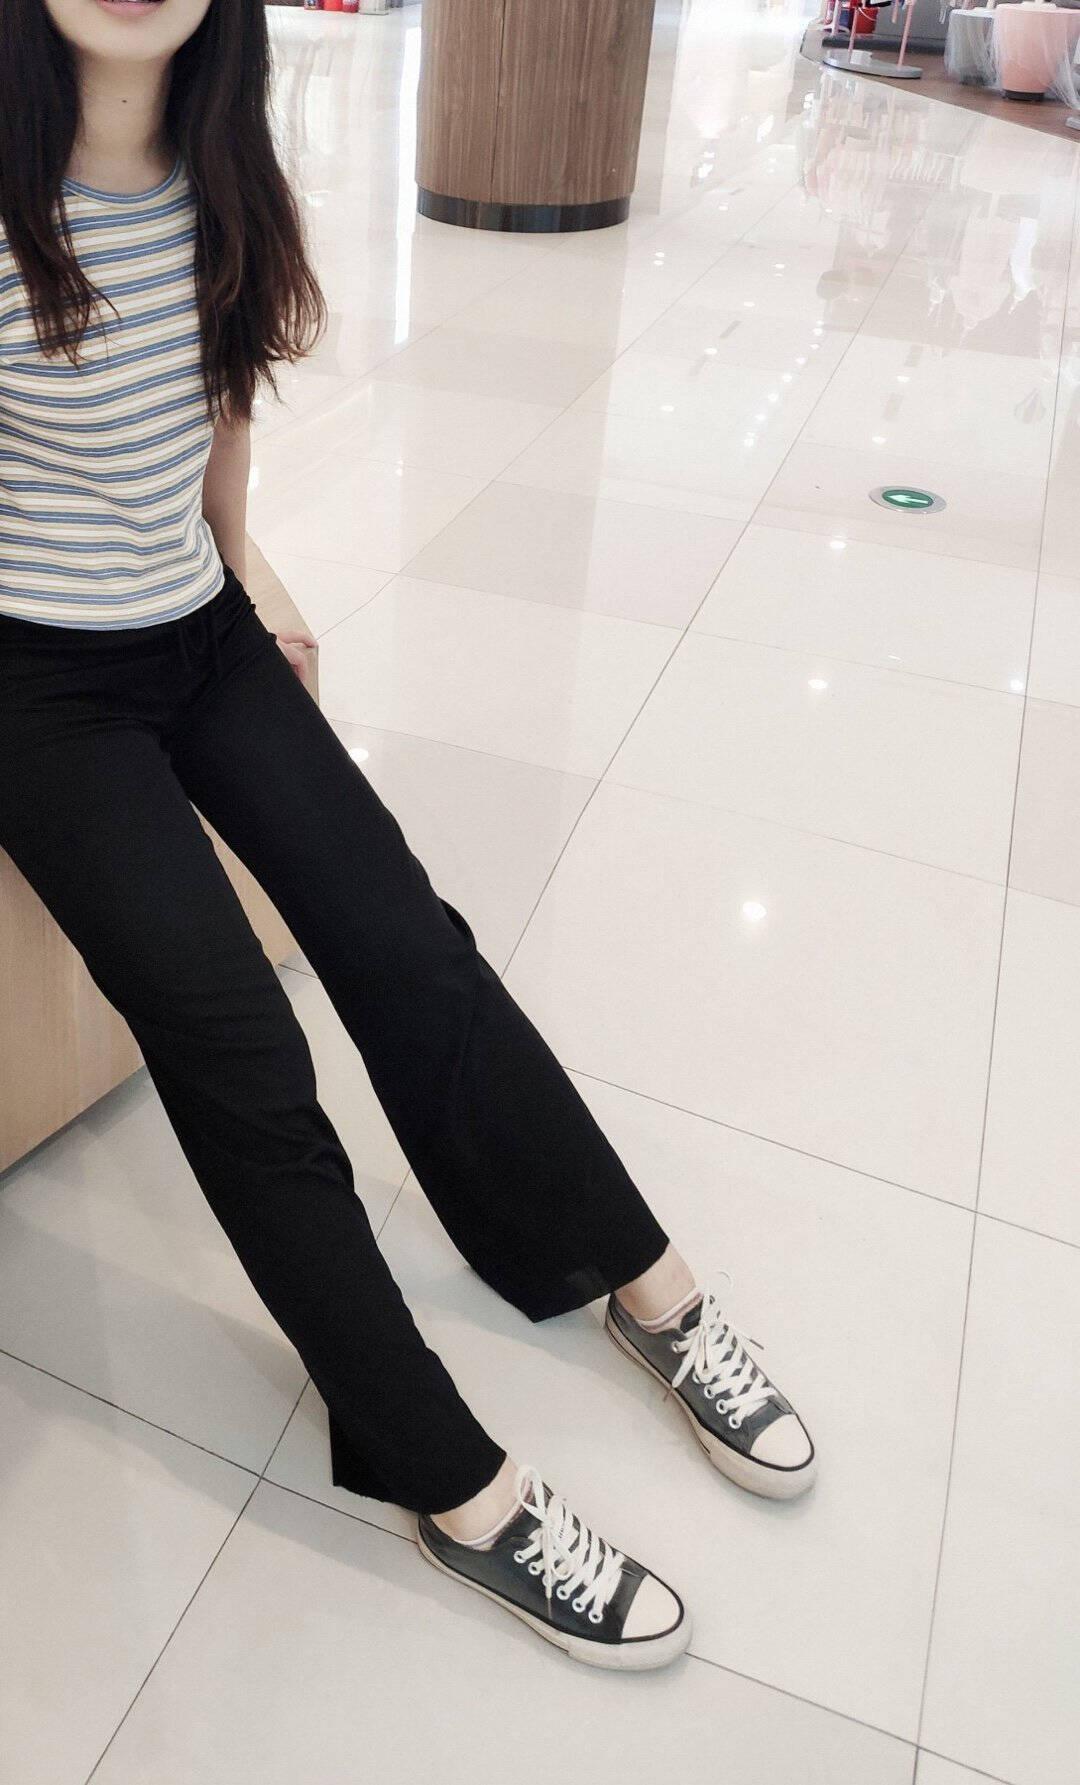 浪莎休闲裤女夏季通勤薄款高腰裤子冰丝阔腿裤垂感宽松直筒女裤【九分款】黑色XL